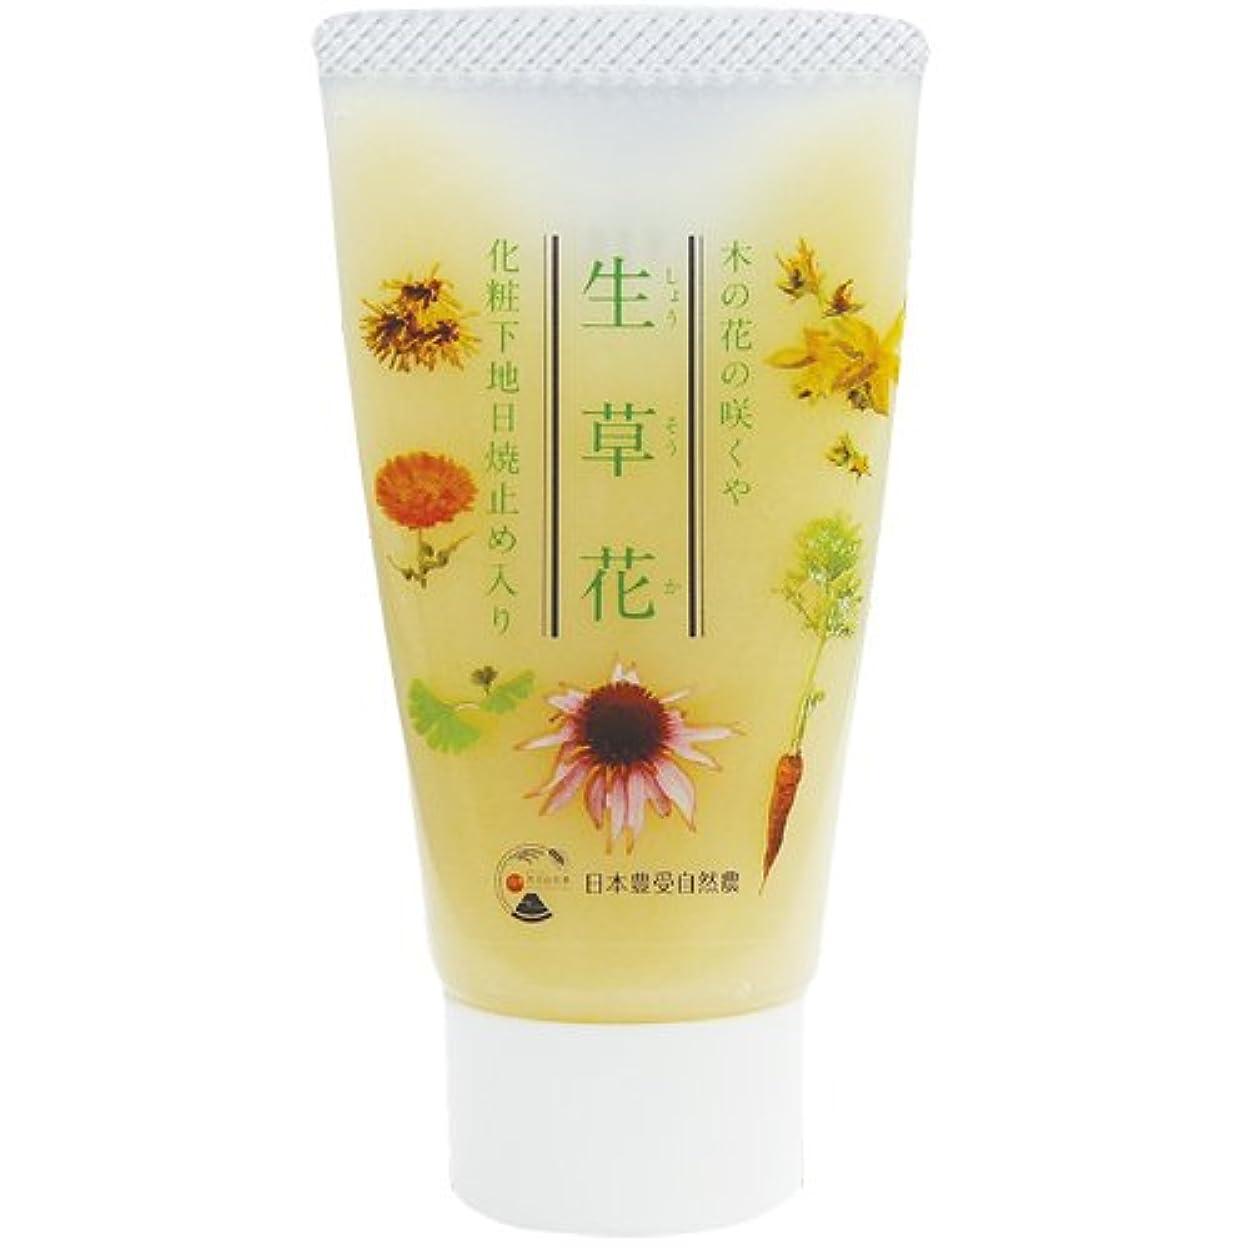 殺します設計検査日本豊受自然農 木の花の咲くや 生草花 化粧下地 日焼け止め入り 30g